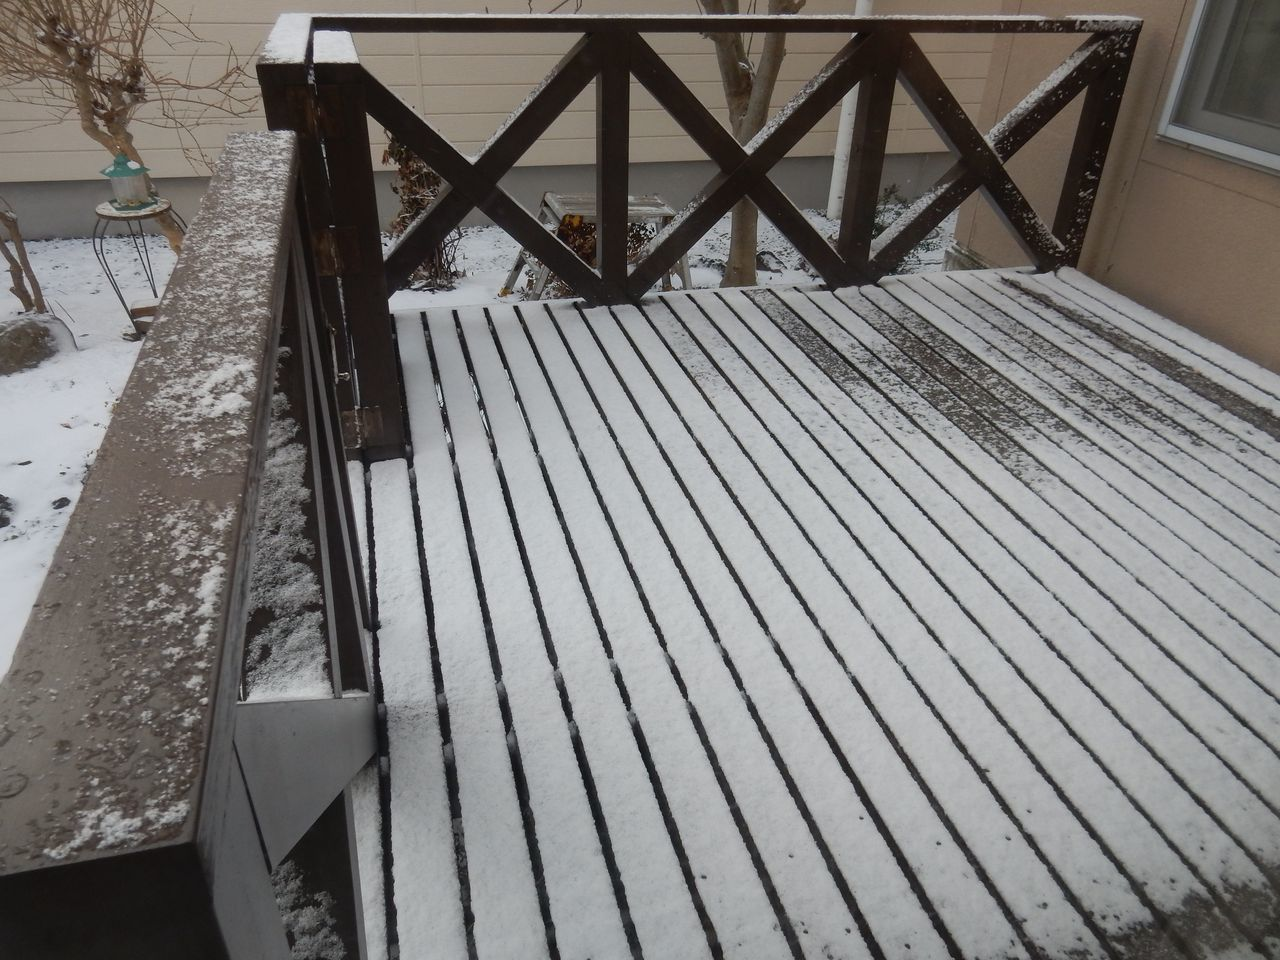 なんとか積雪ゼロのまま年を越さずにすみそうです_c0025115_23243071.jpg